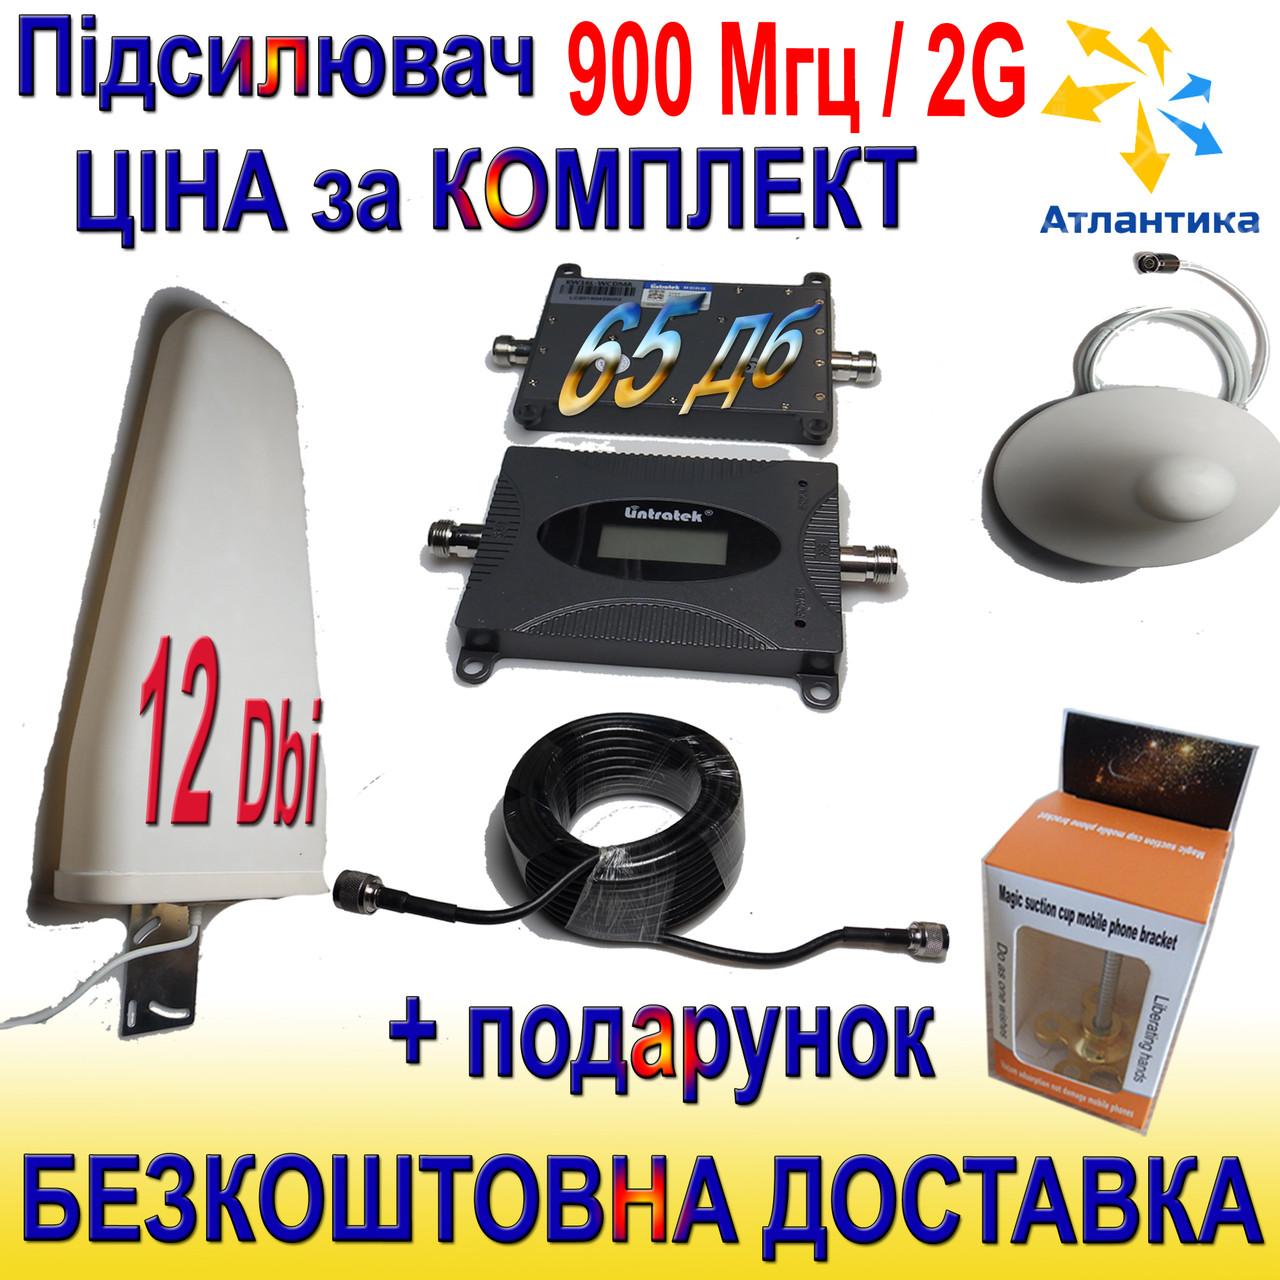 ОРИГИНАЛ 100% Гарантия 12 мес. Усилитель Репитер Repeater сигнала мобильной связи Lintratek KW16L-GSM 900 МГц